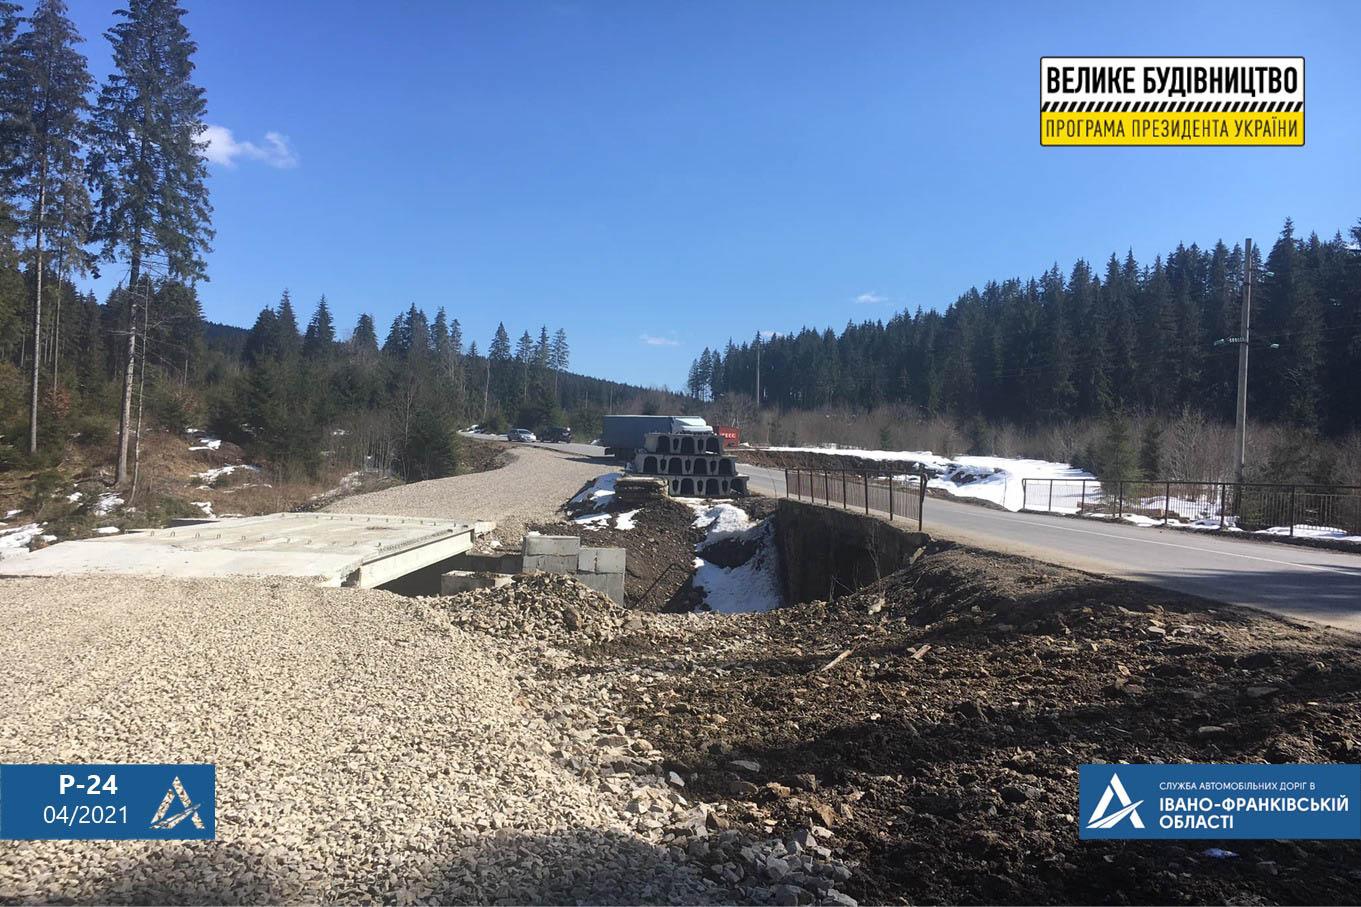 На дорозі Р-24 оновлюють два мости й планують побудувати один новий (ФОТО)